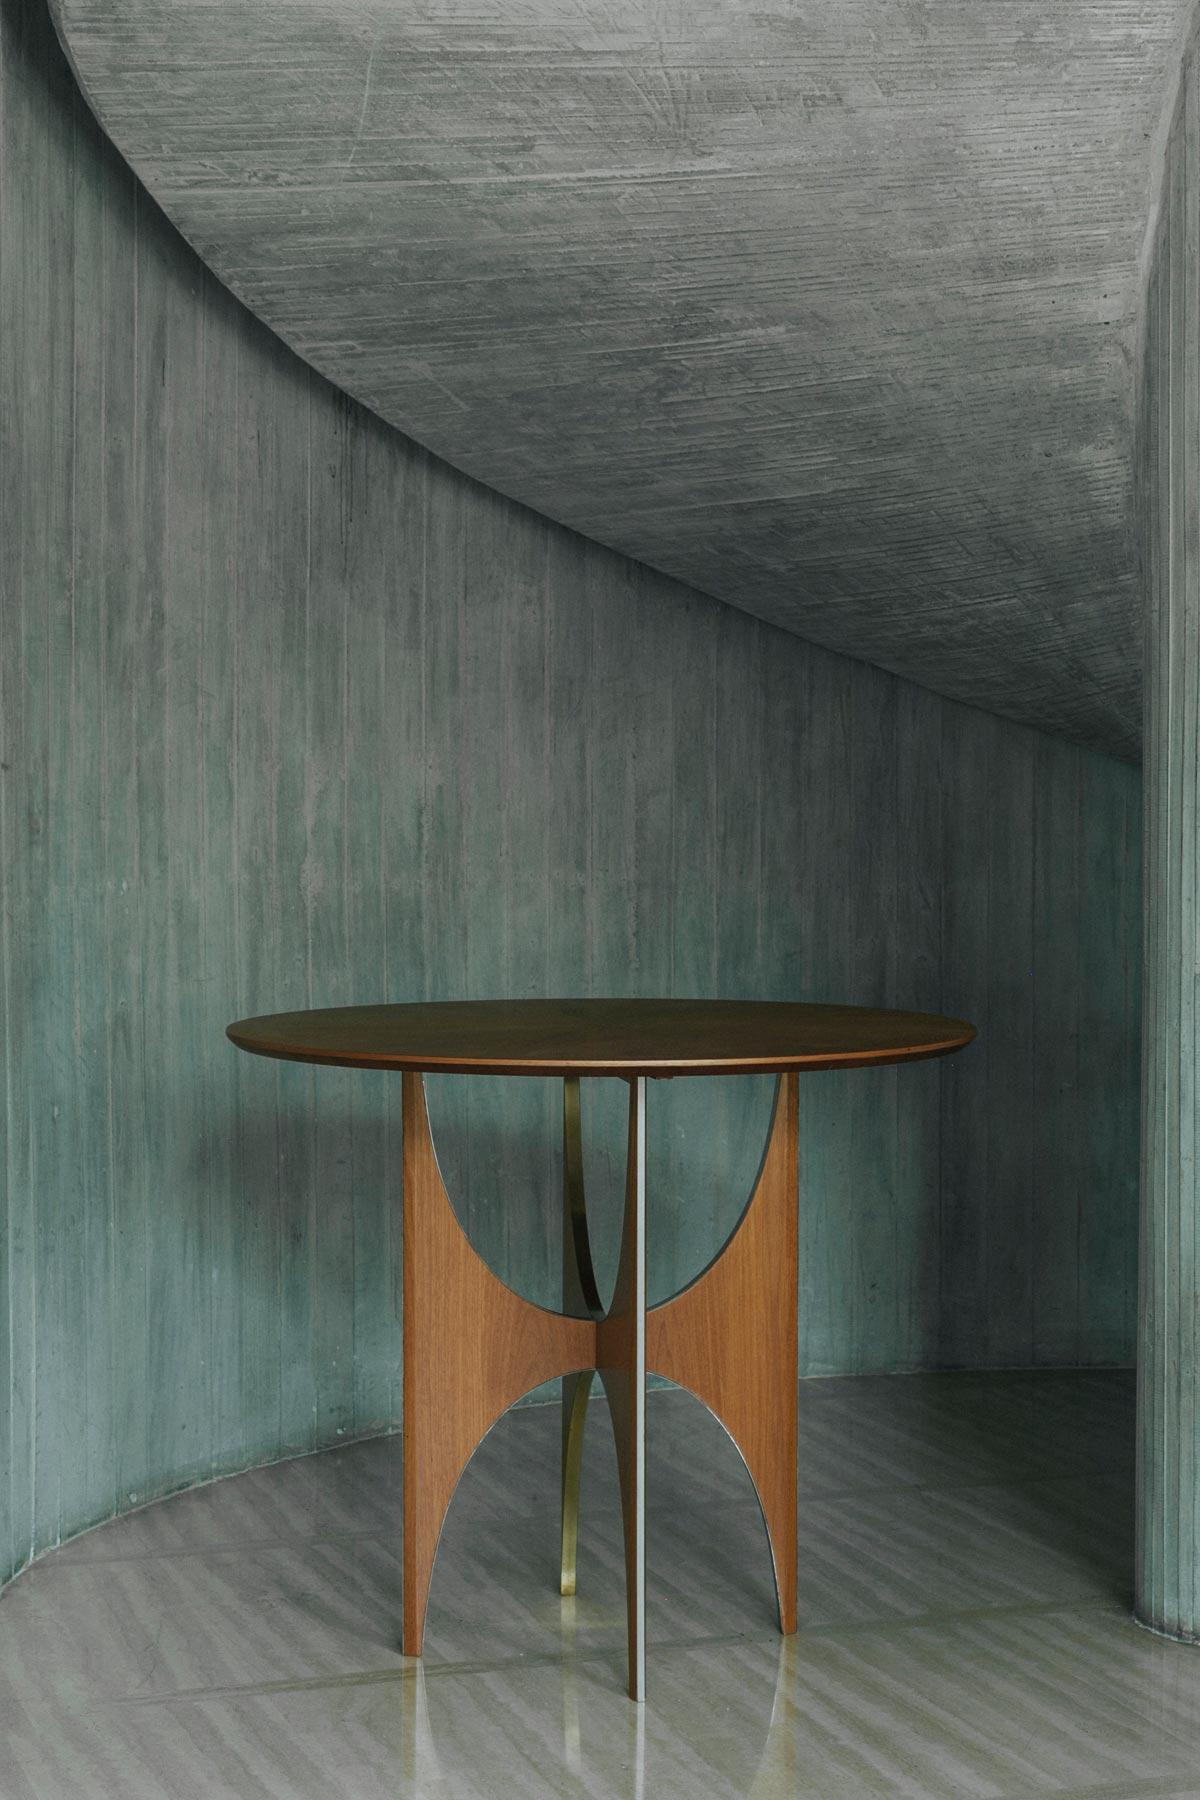 7.2_ARC-ROUND-TABLE-DARK_1200x1800